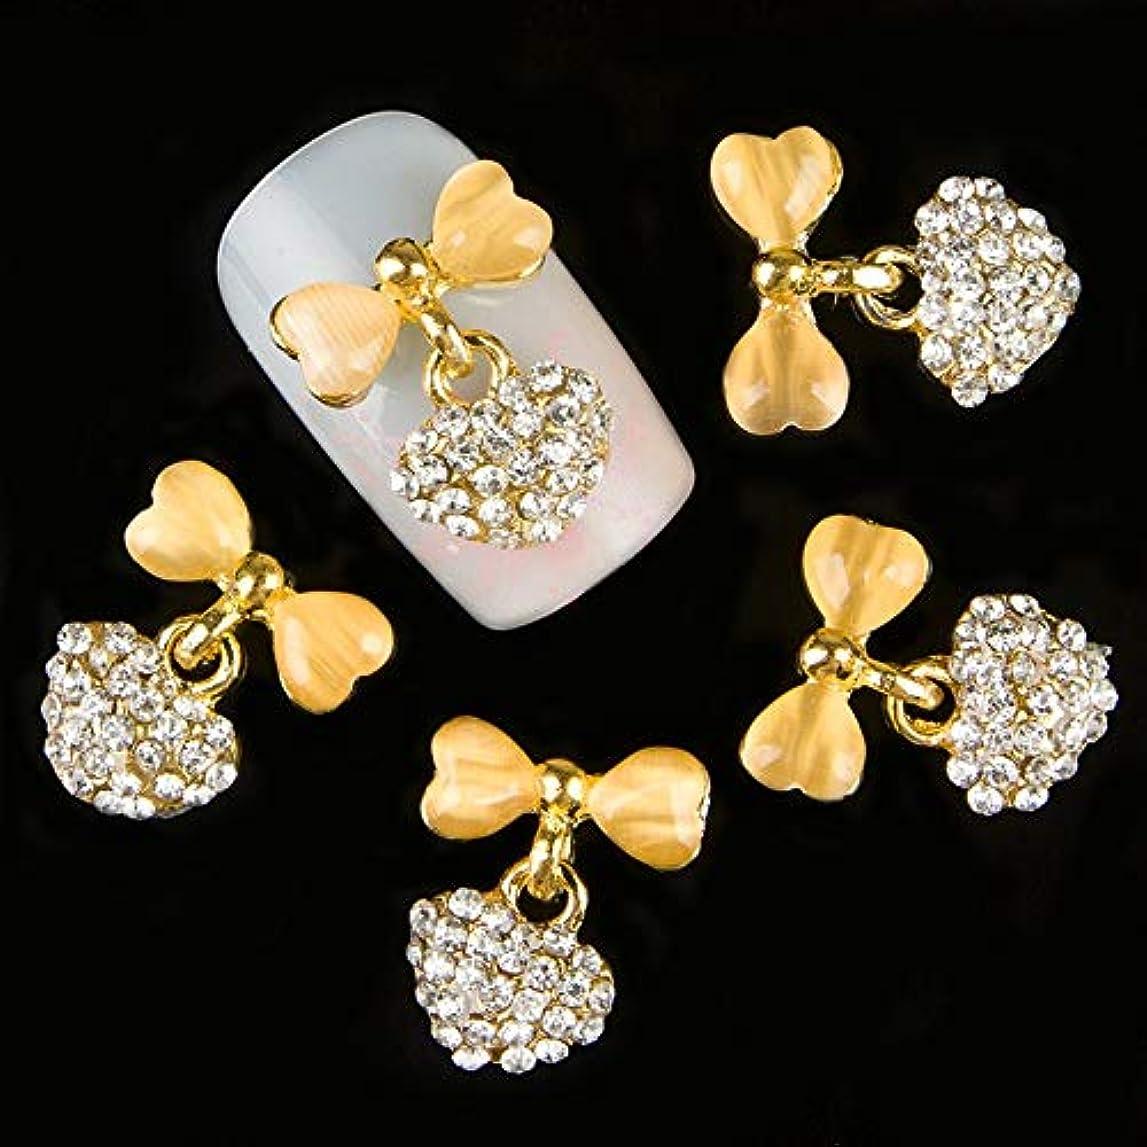 パイプどういたしまして通信する10個入りの3D金の弓のきらめき宝石装飾ネイルアートのヒントデコレーションネイルスタッズラインストーン